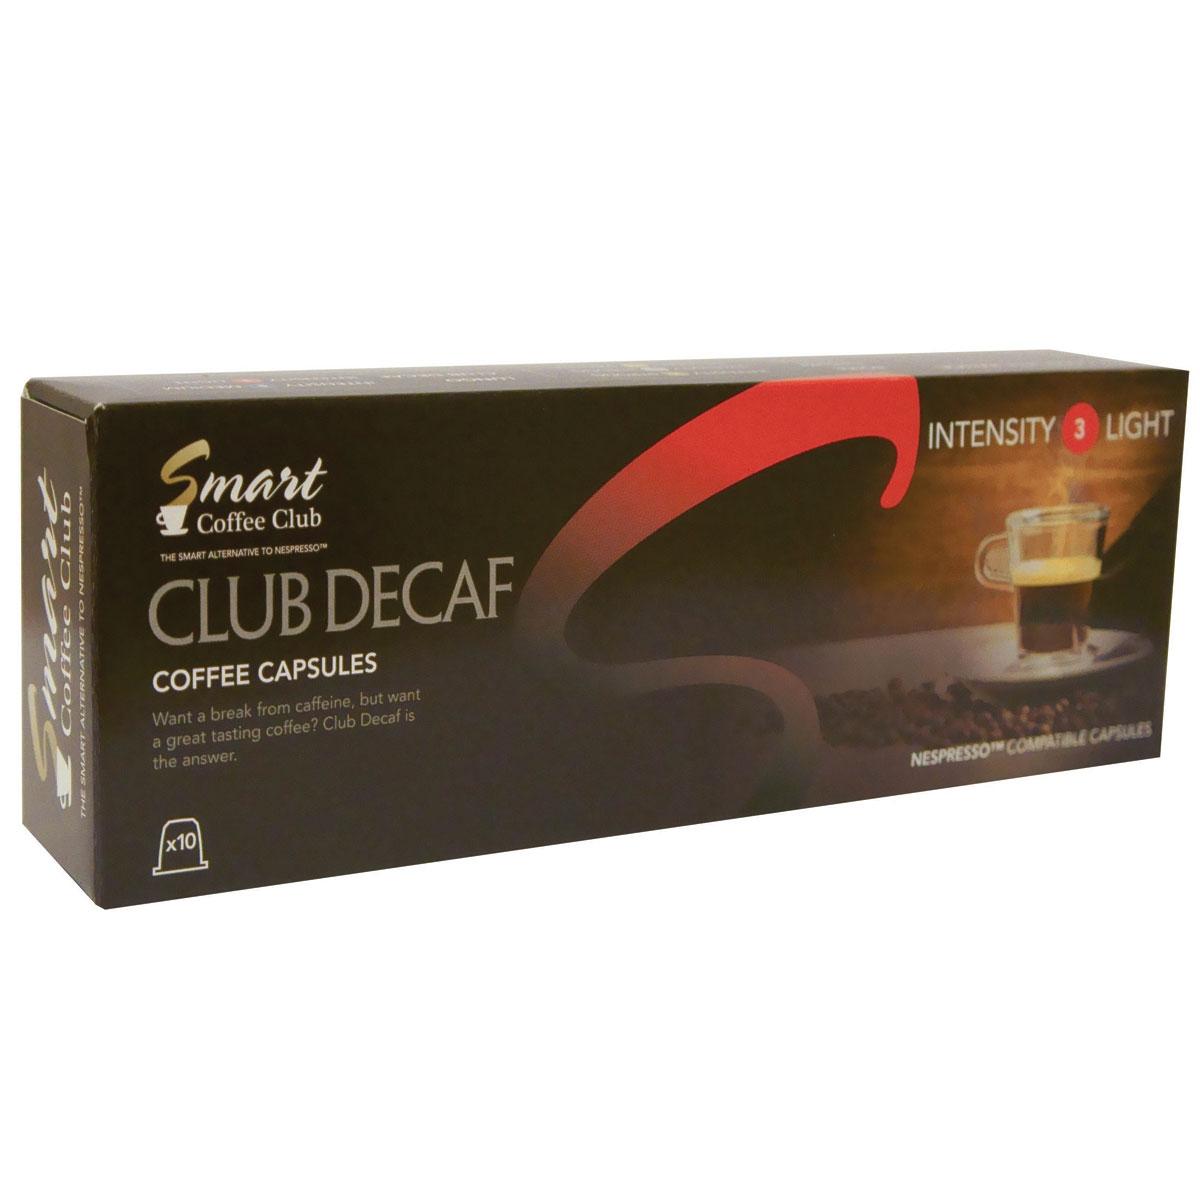 где купить Smart Coffee Club Decaf кофе в капсулах, 10 штук по лучшей цене